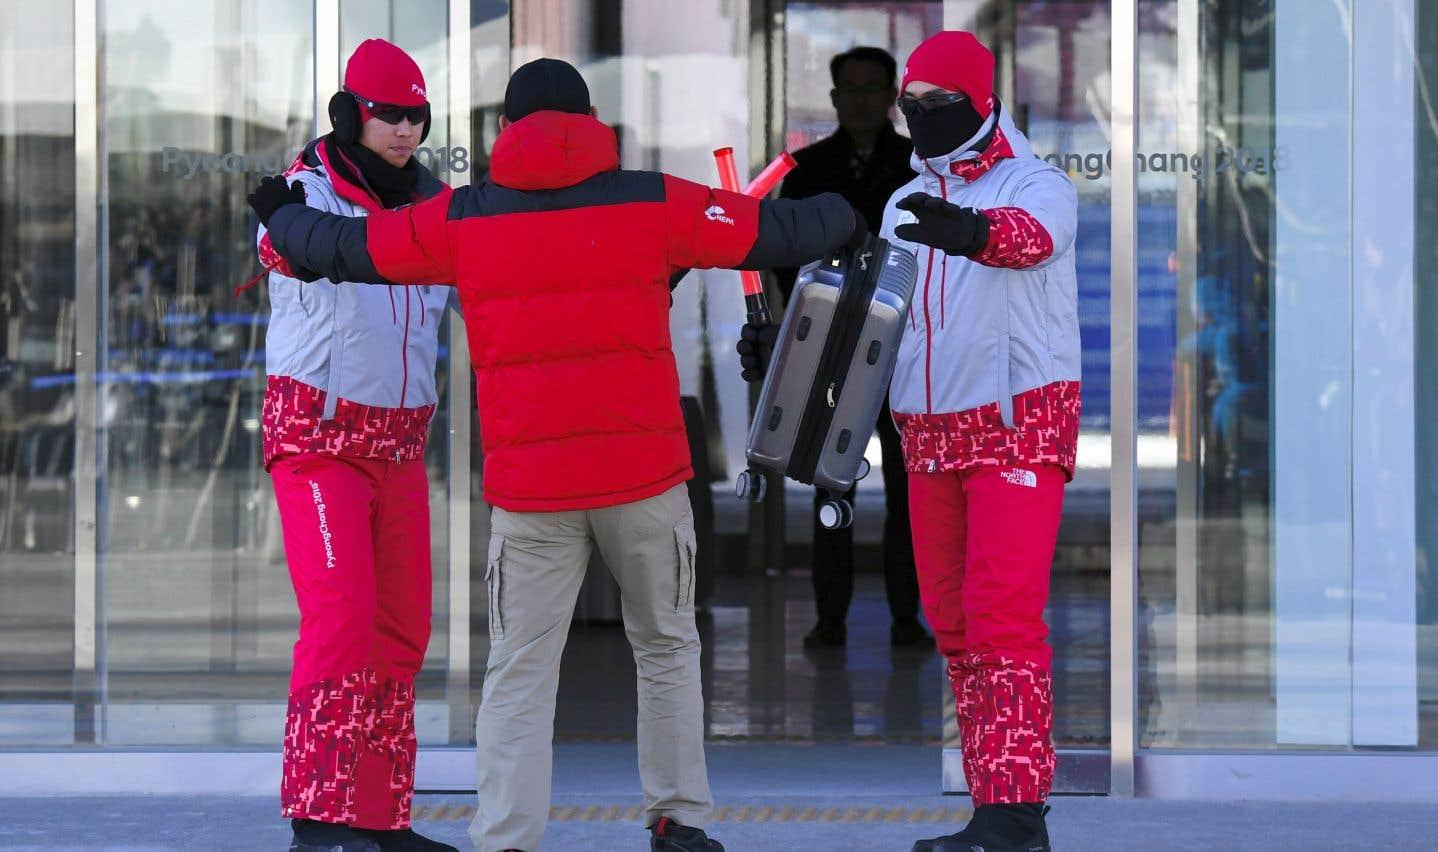 Des bénévoles simulent la fouille d'un suspect terroriste lors d'une répétition des cérémonies d'ouverture des prochains Jeux d'hiver.